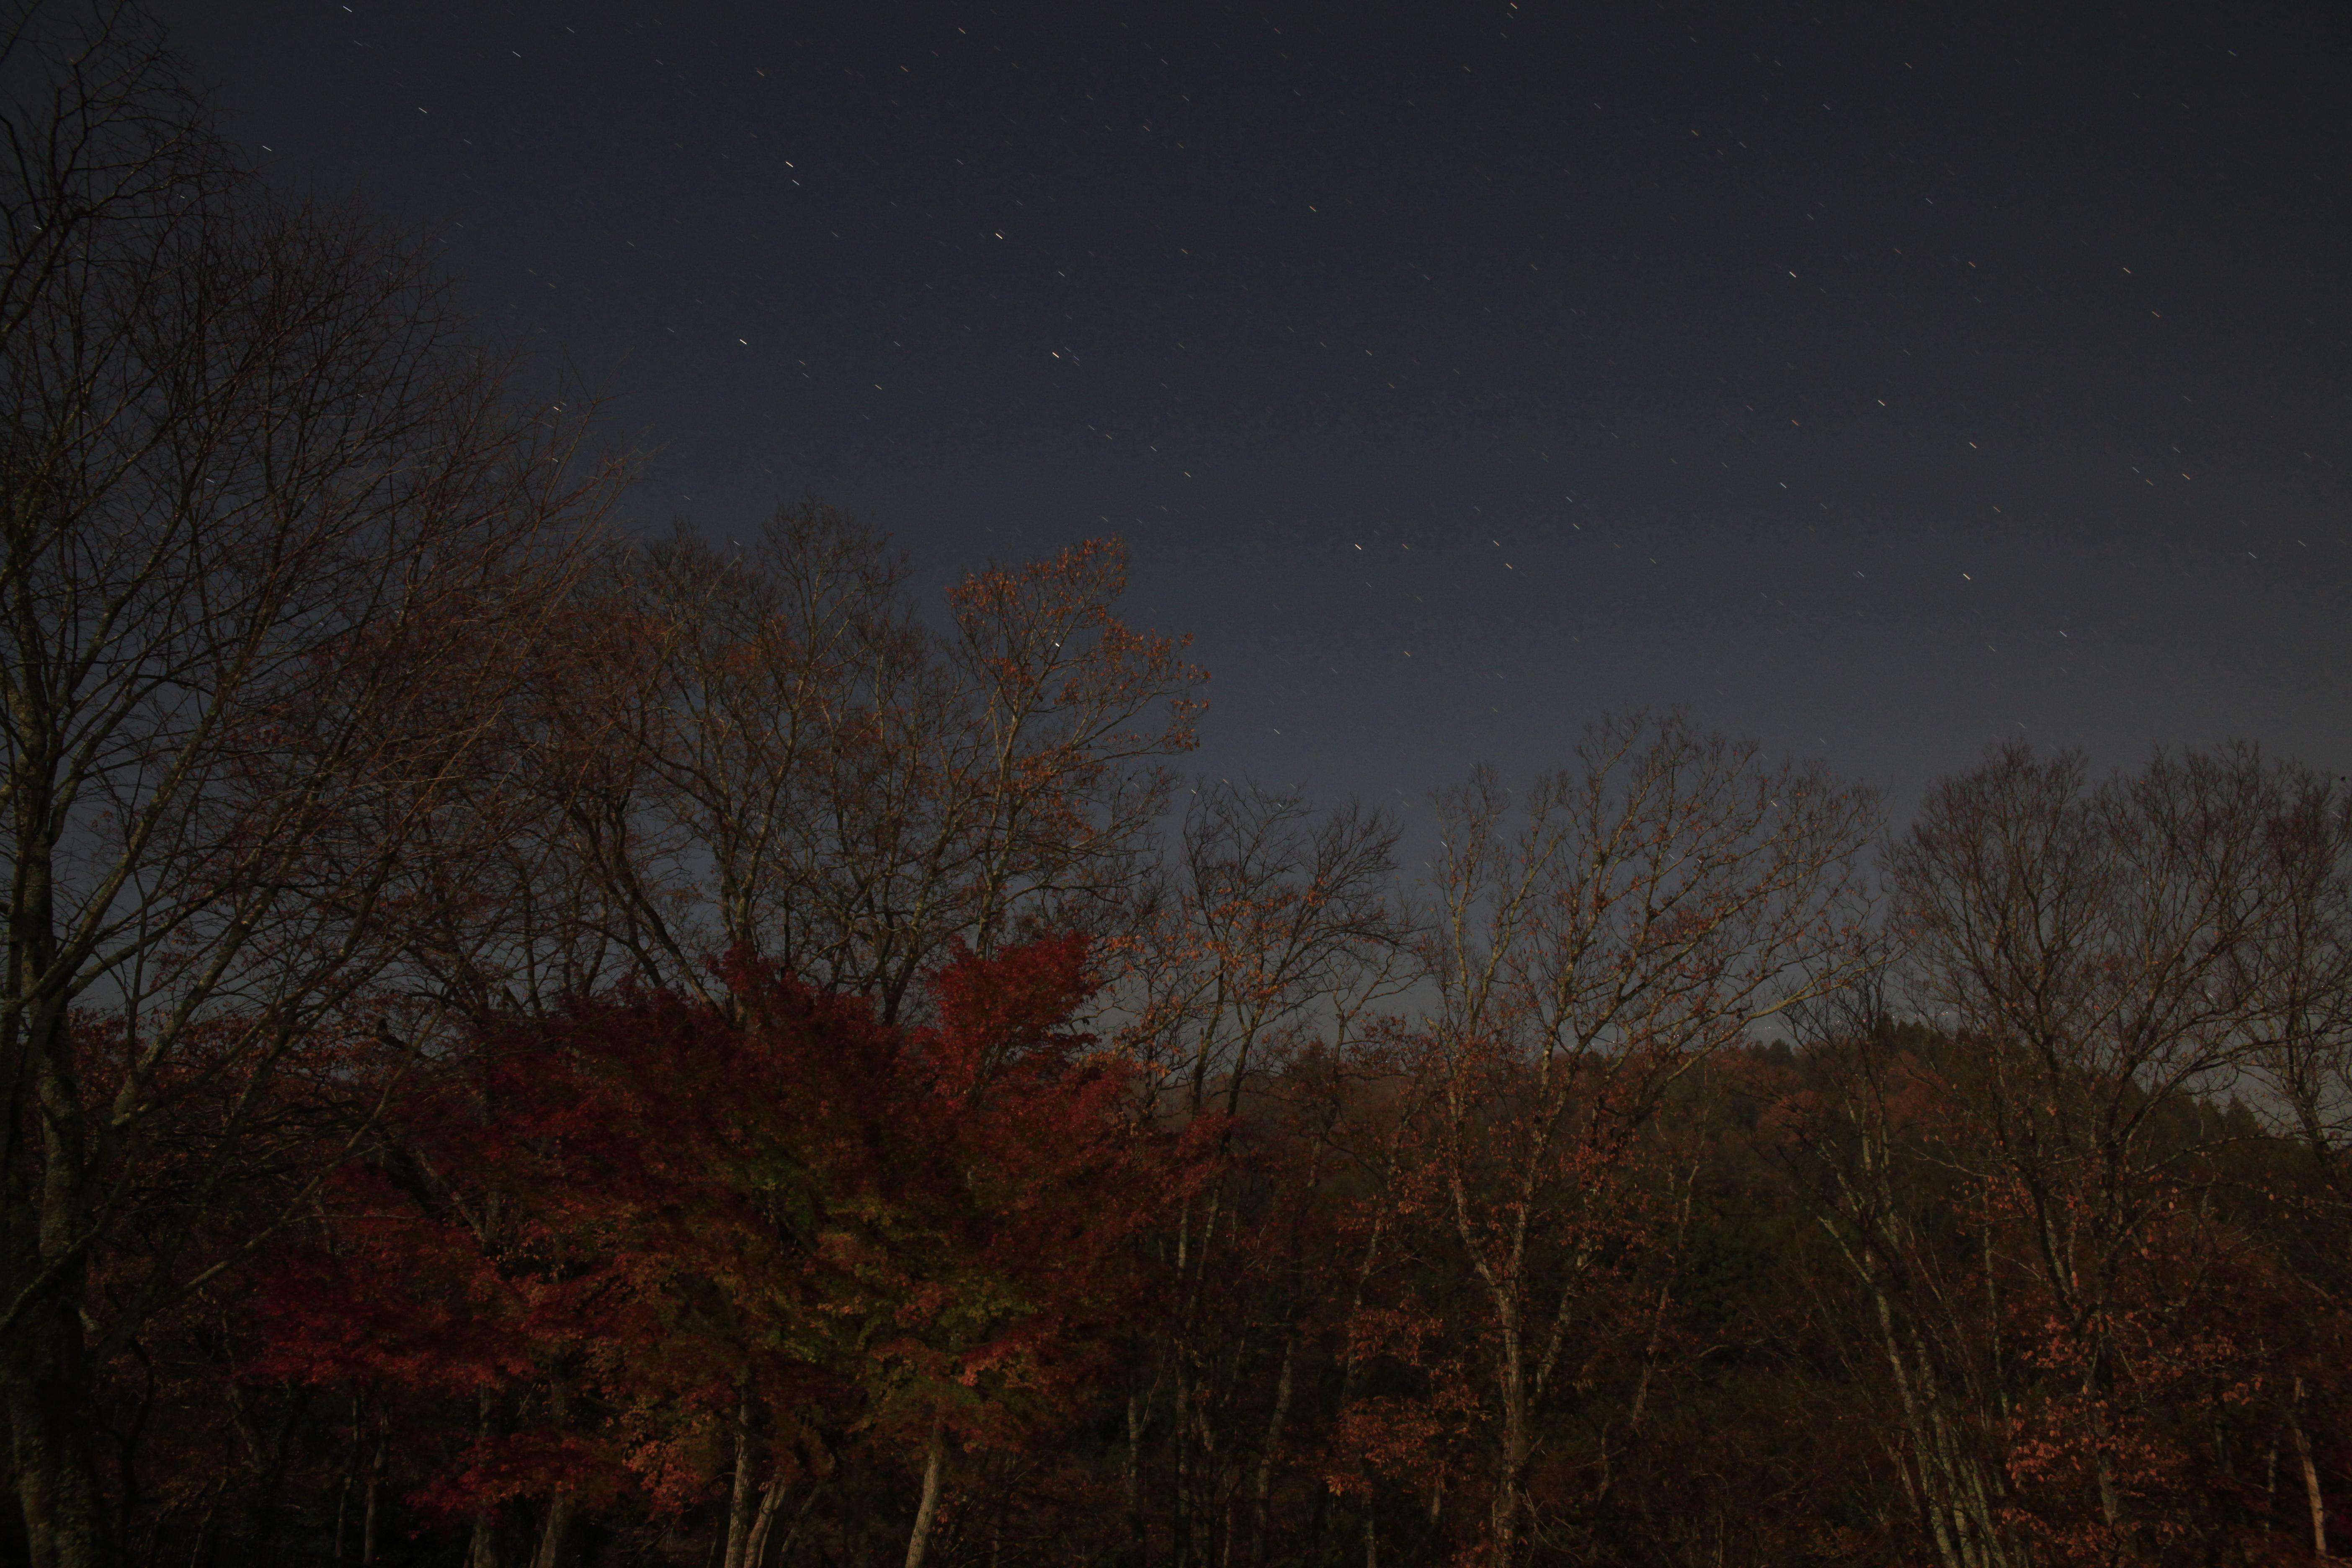 <b>ポラリエ不使用(固定撮影)。地上の風景は止まっているが星が流れて線上に写っている。EOS 5D Mark II / 24-70mm F2.8 IF EX DG HSM / 約7.2MB / 5,616×3,744 / 60秒 / F8 / 0EV / ISO1250 / 24mm</b>